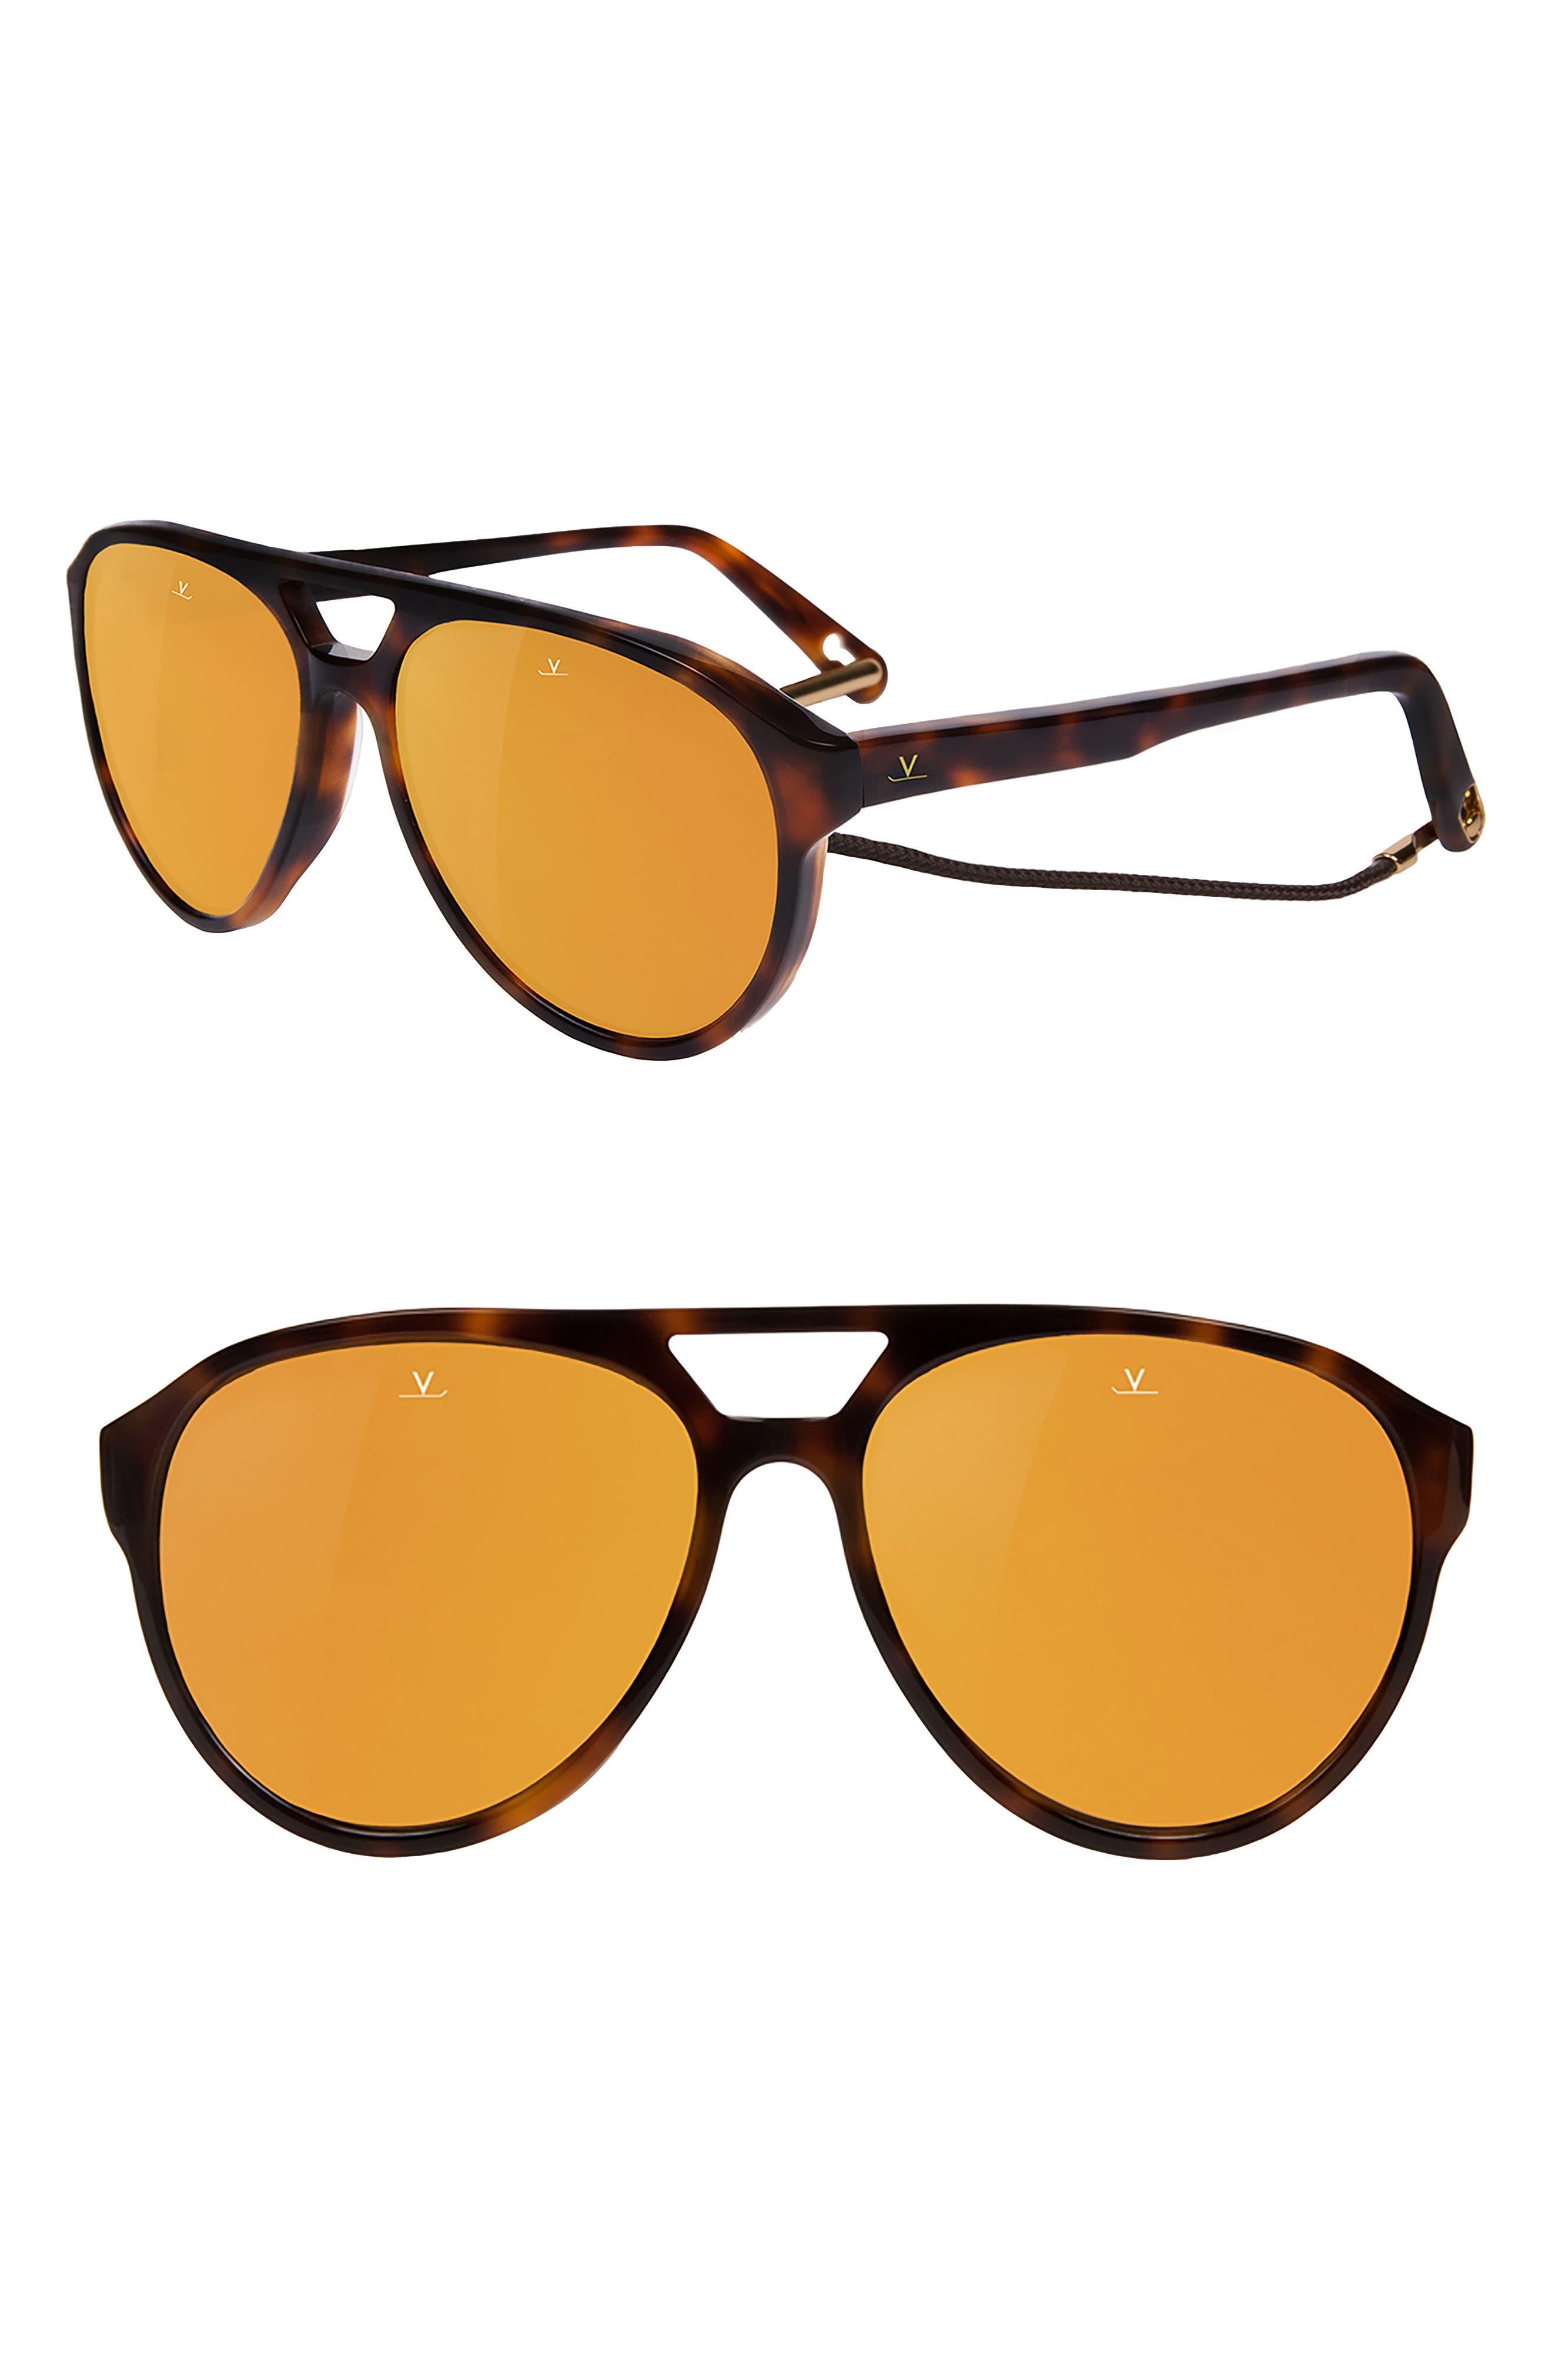 Tom 64mm Aviator Sunglasses,                         Main,                         color, 202